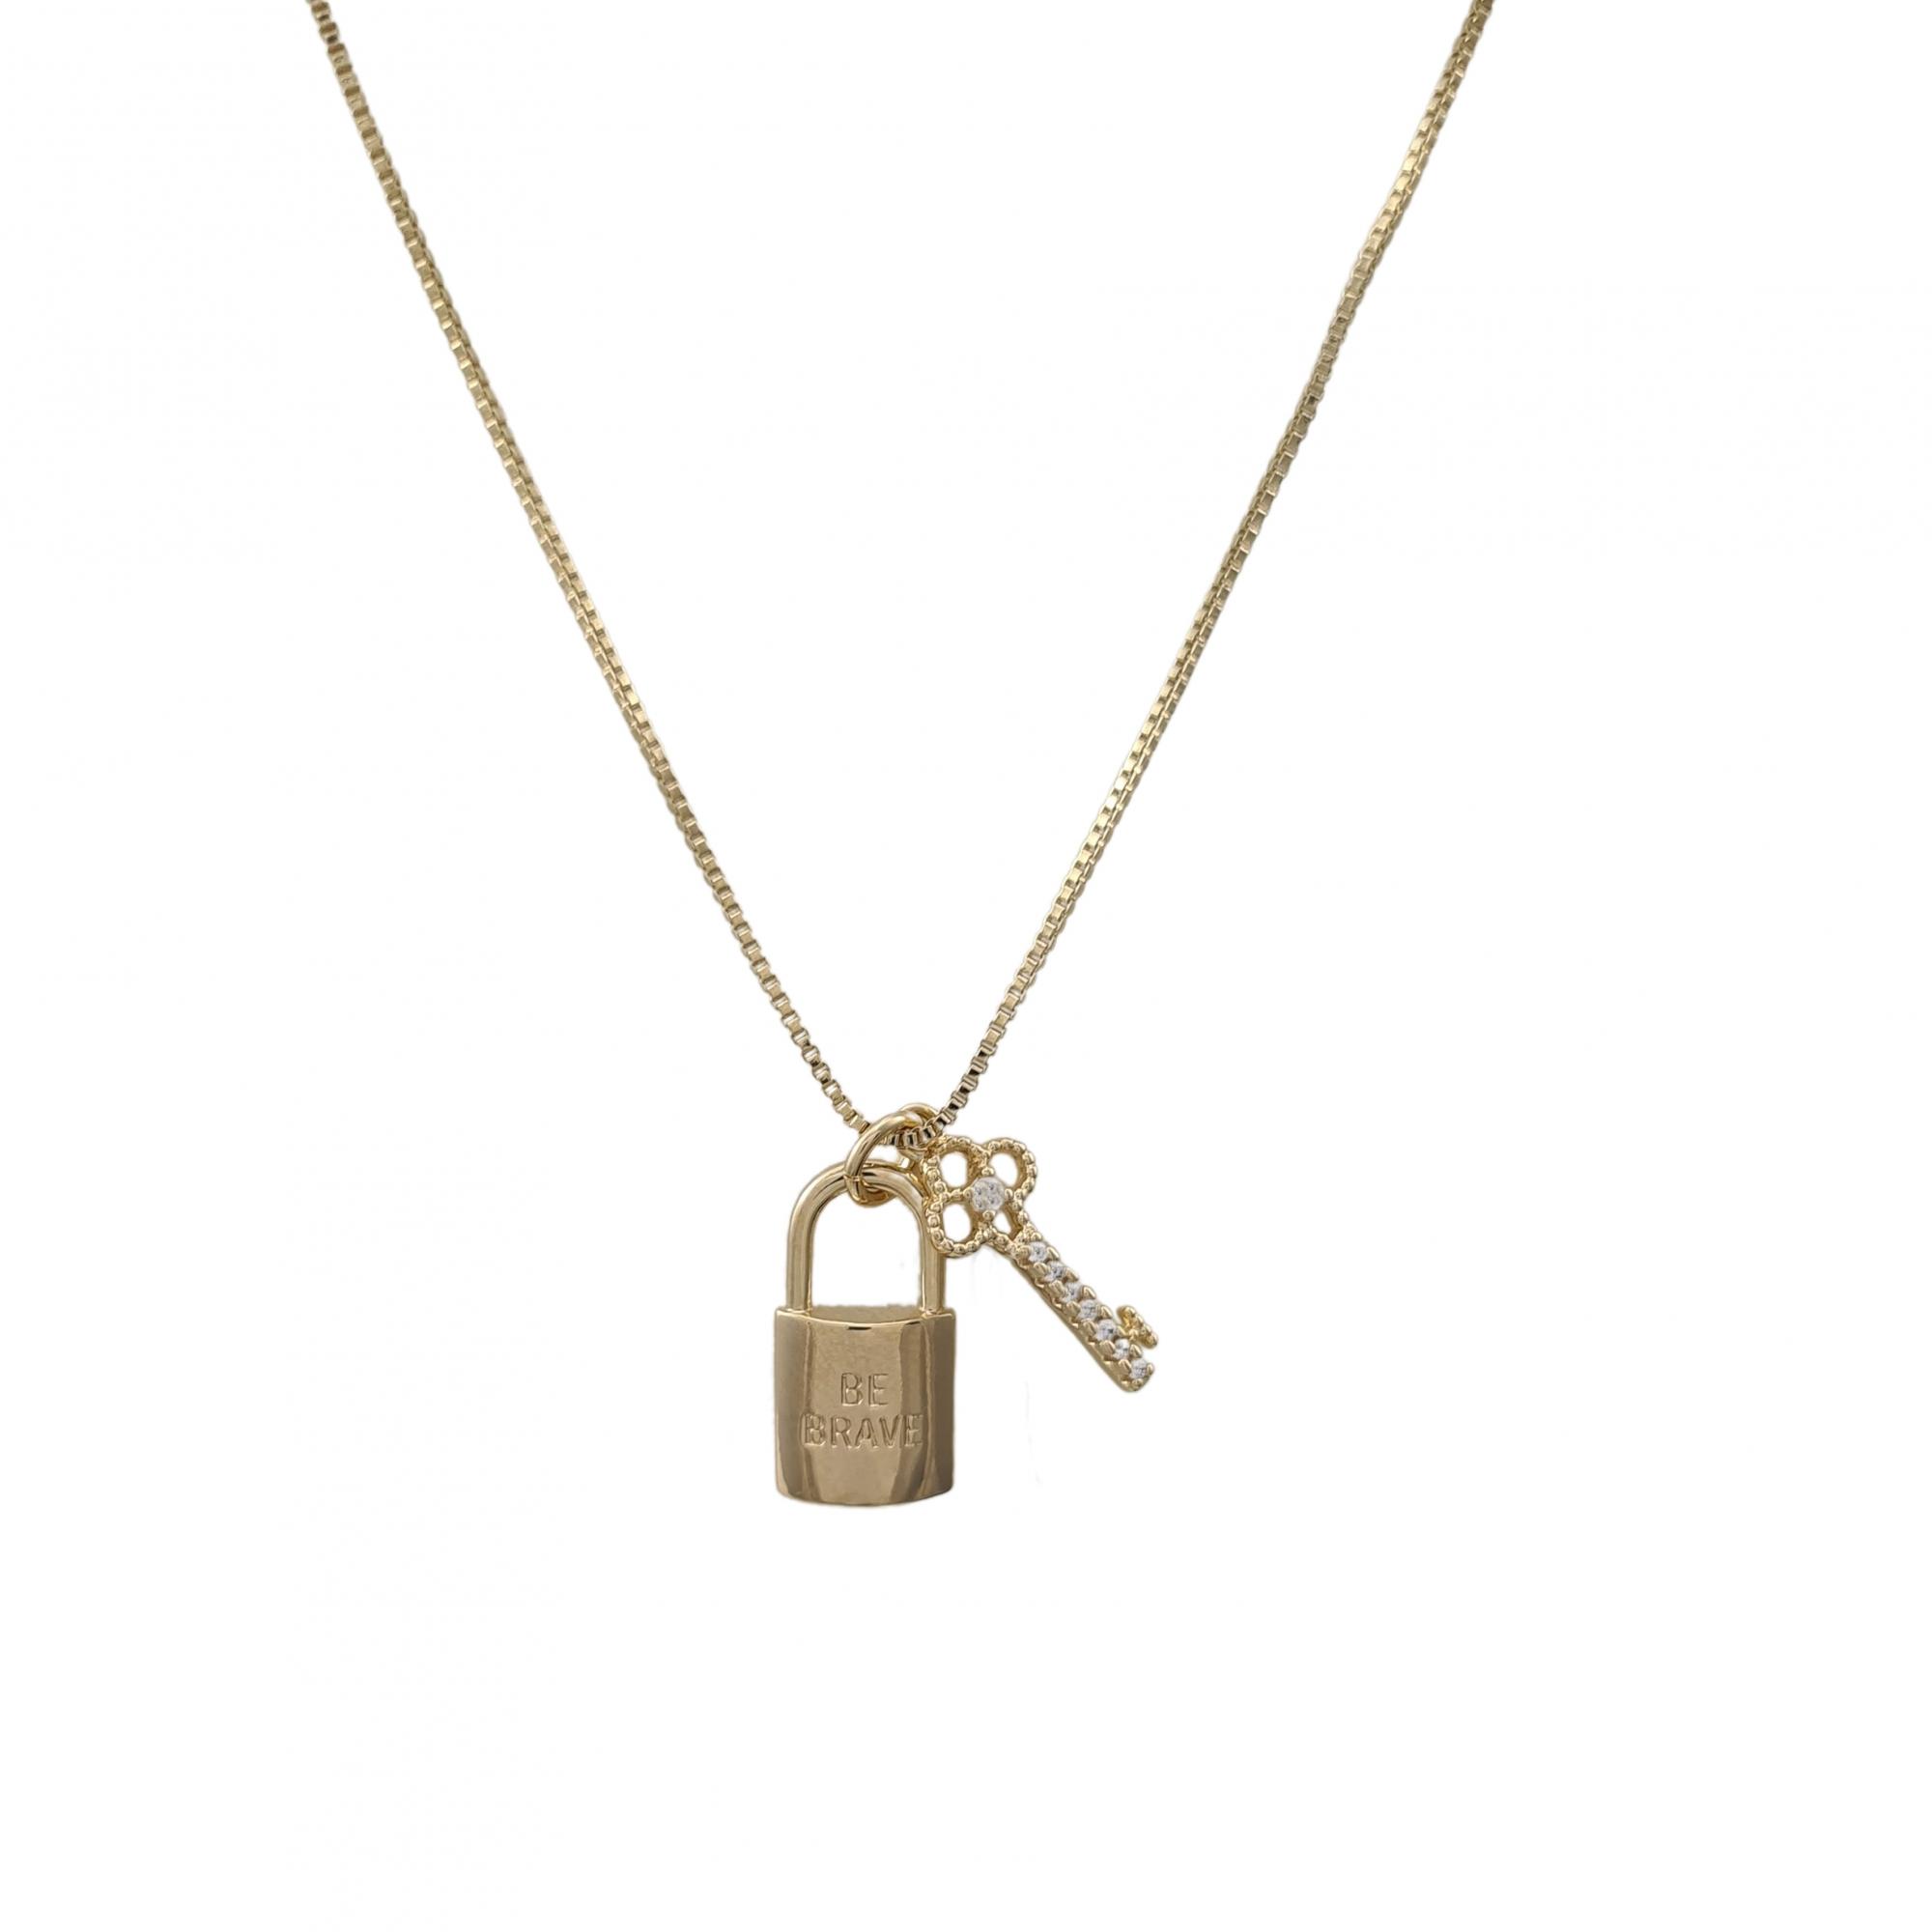 Colar Be Brave chave e cadeado banhado a ouro 18k